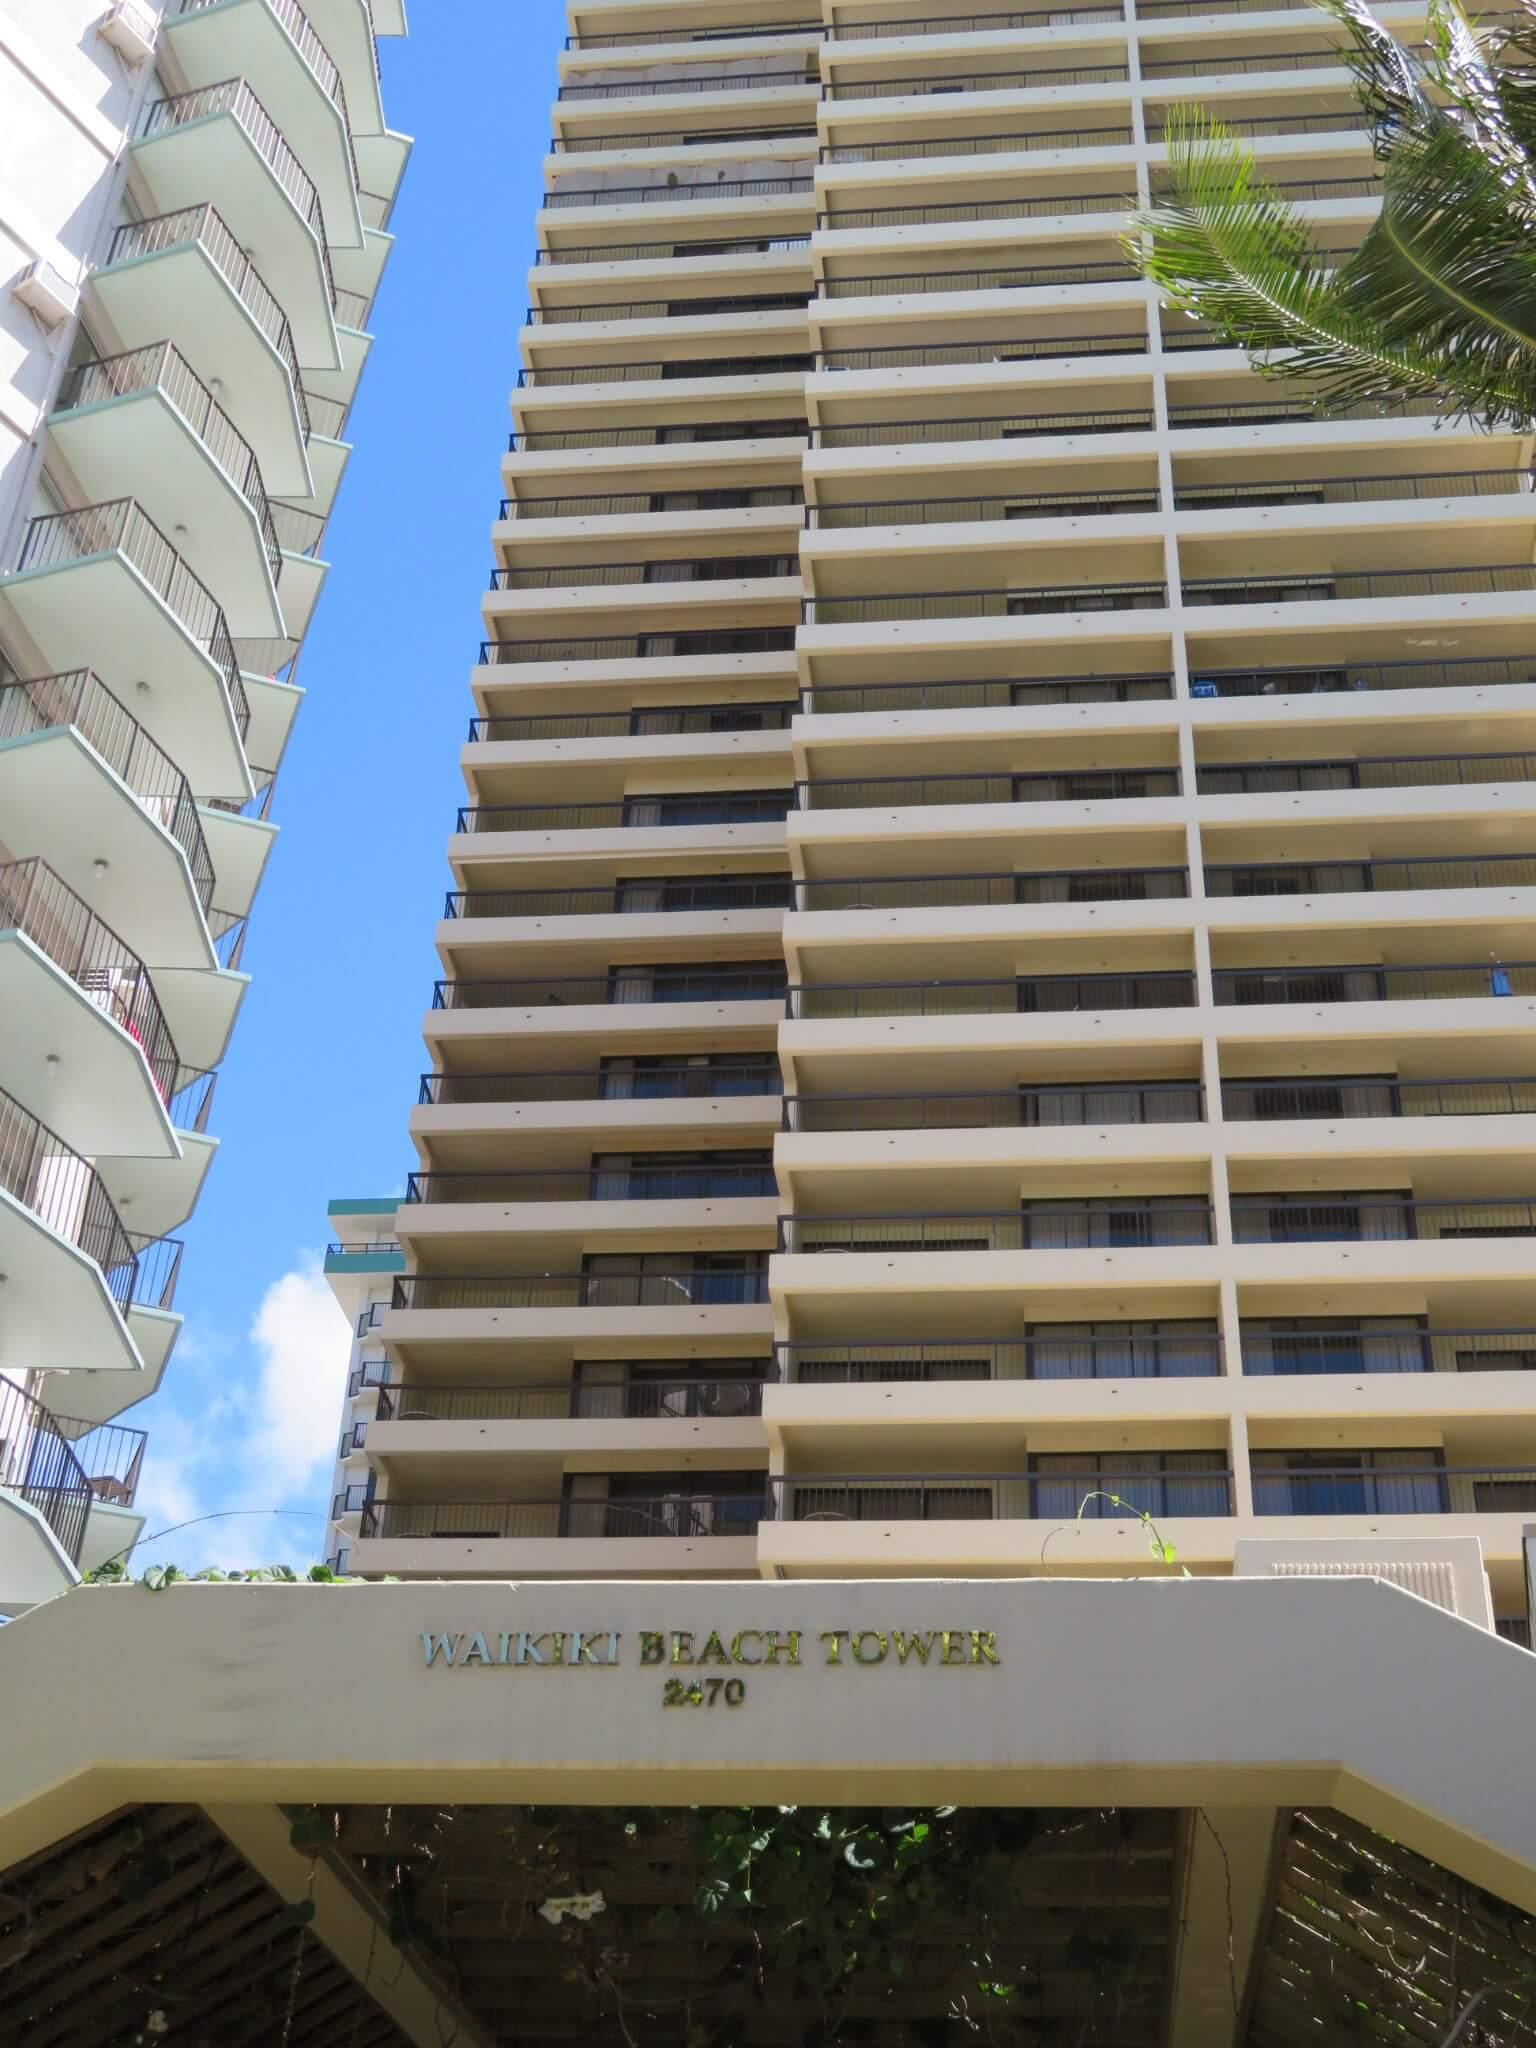 ワイキキ・ビーチ・タワー / Waikiki Beach Tower